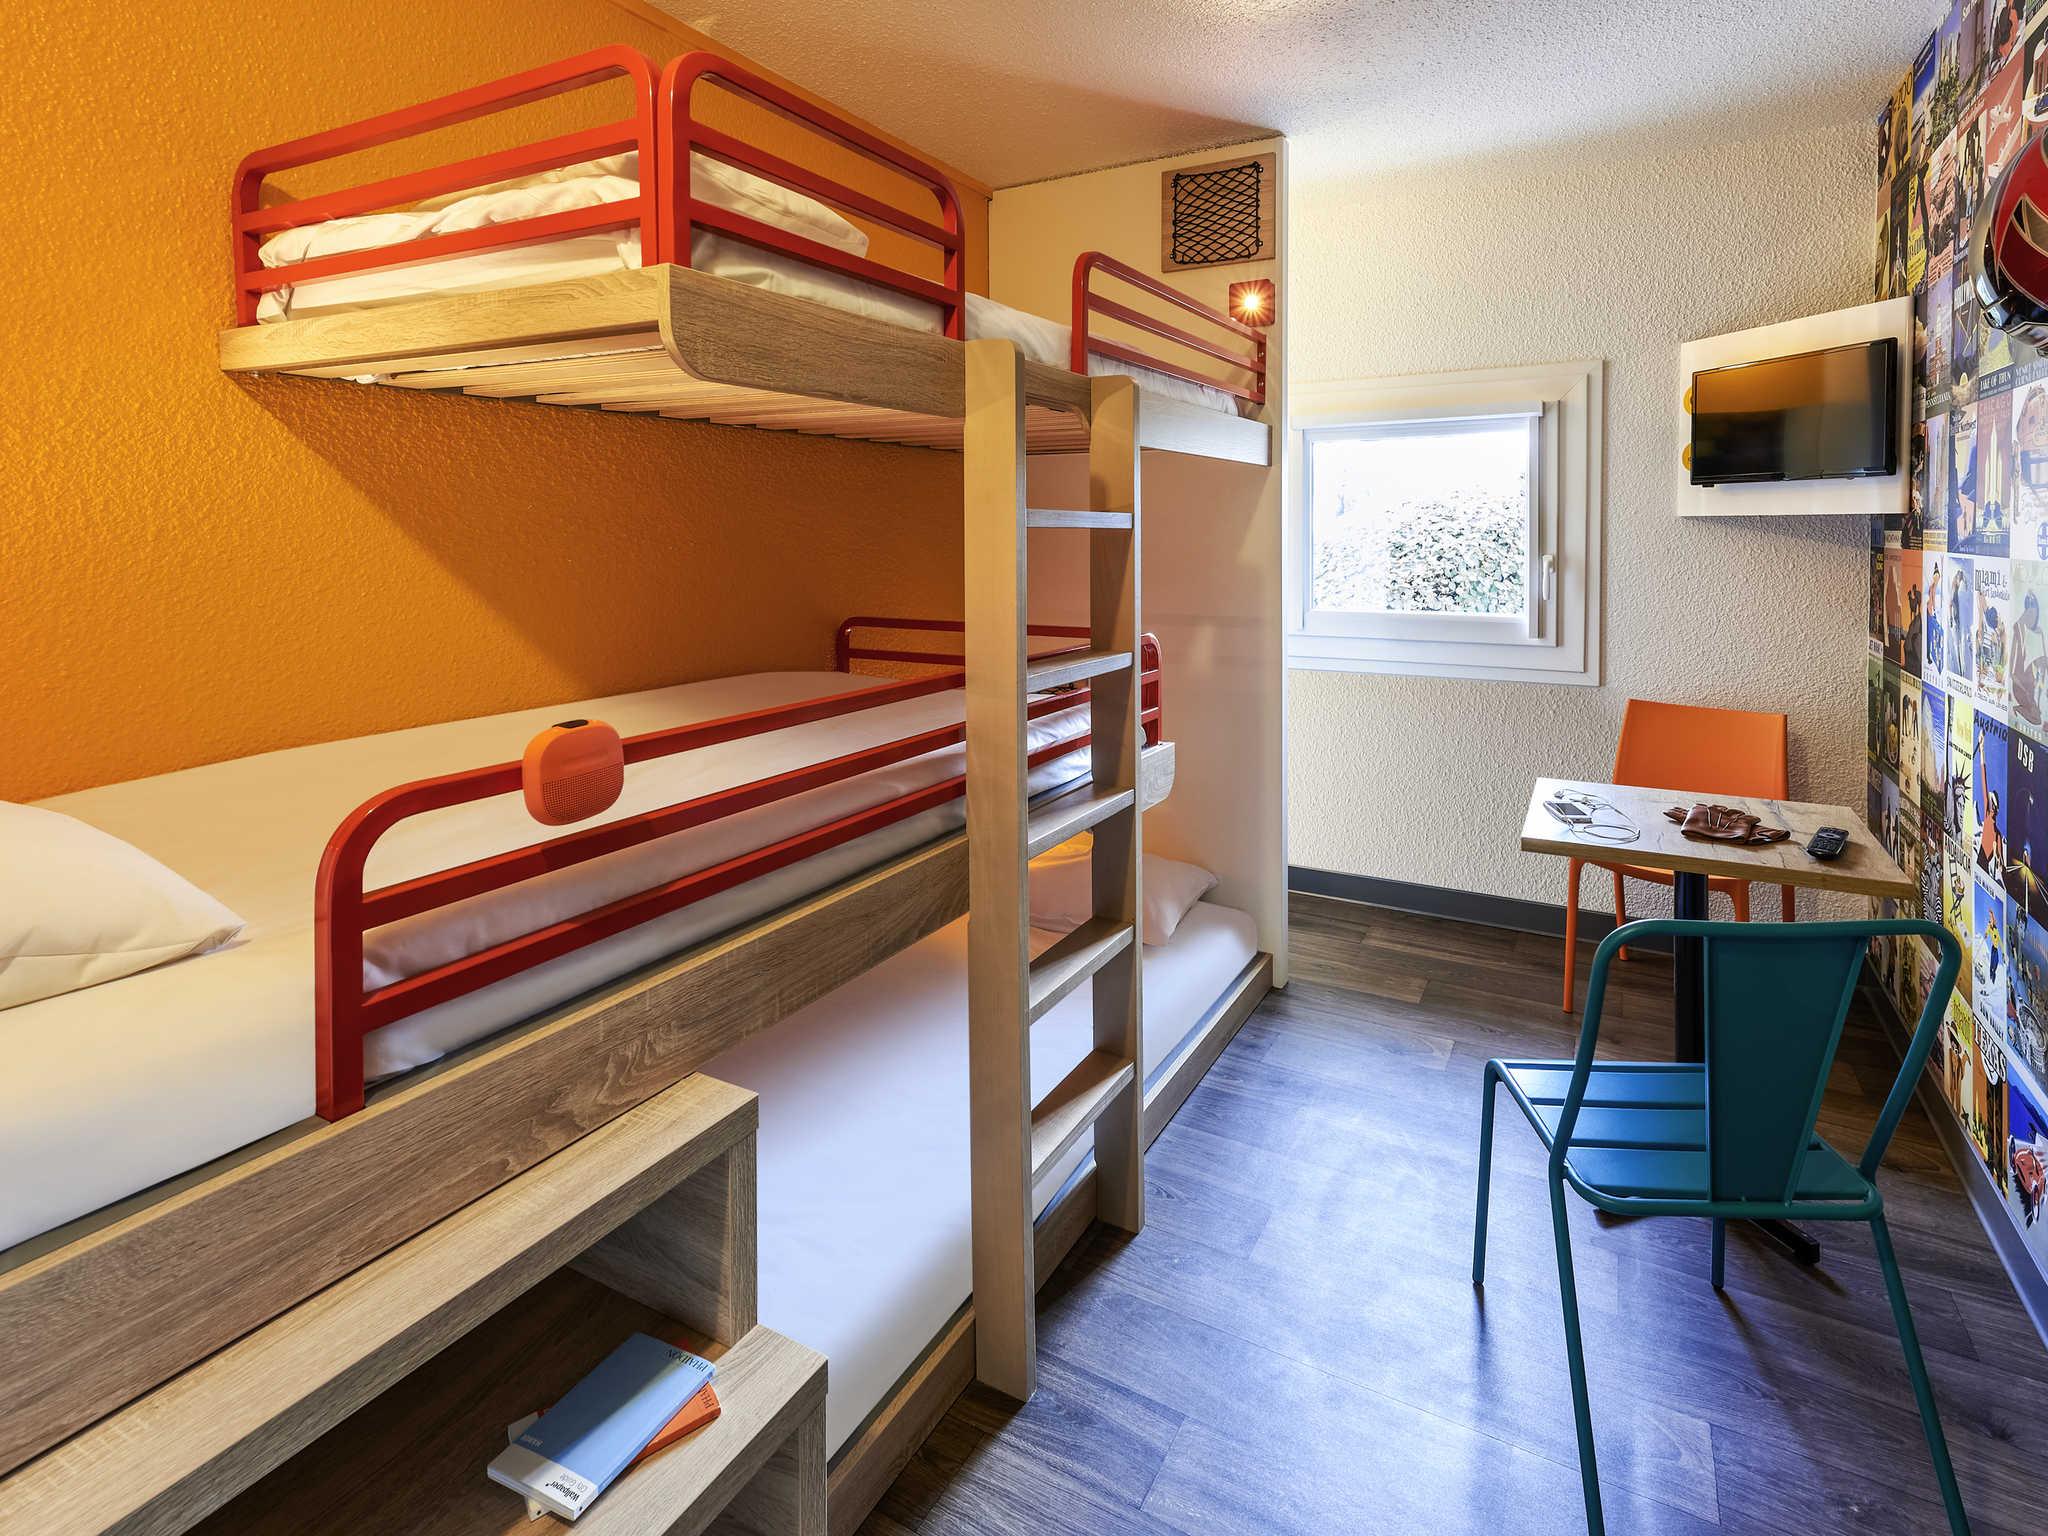 Prix chambre hotel formule 1 elegant putit dejhotel - Hotel formule 1 paris porte de chatillon ...